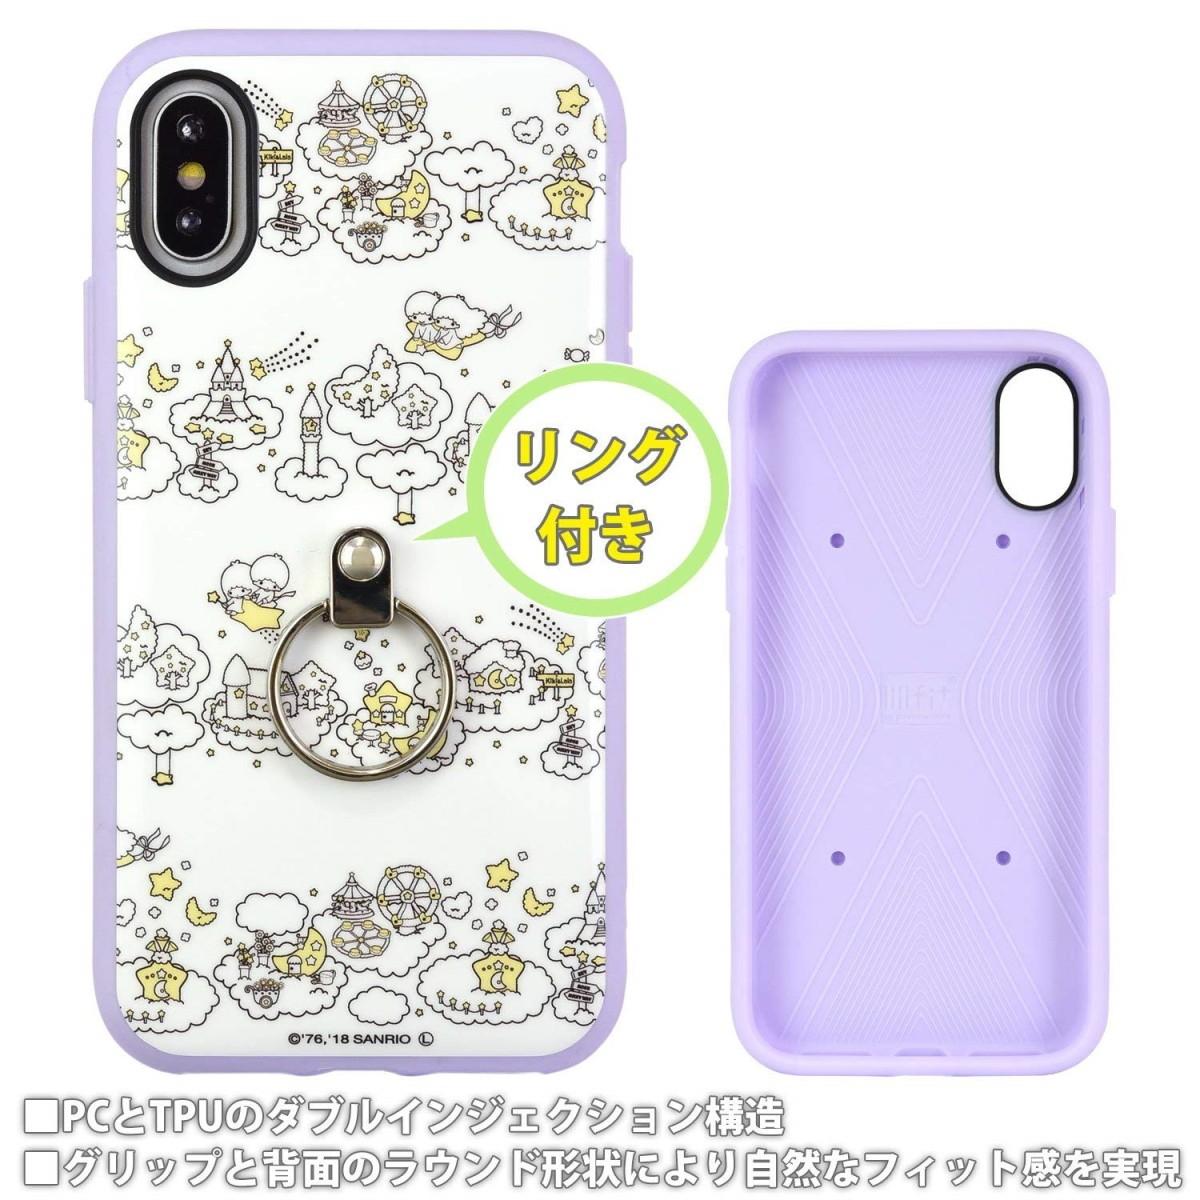 iPhone X用 サンリオキャラクターズ IIIIfitリングケース キキ&ララ SAN-795TSの商品画像 2